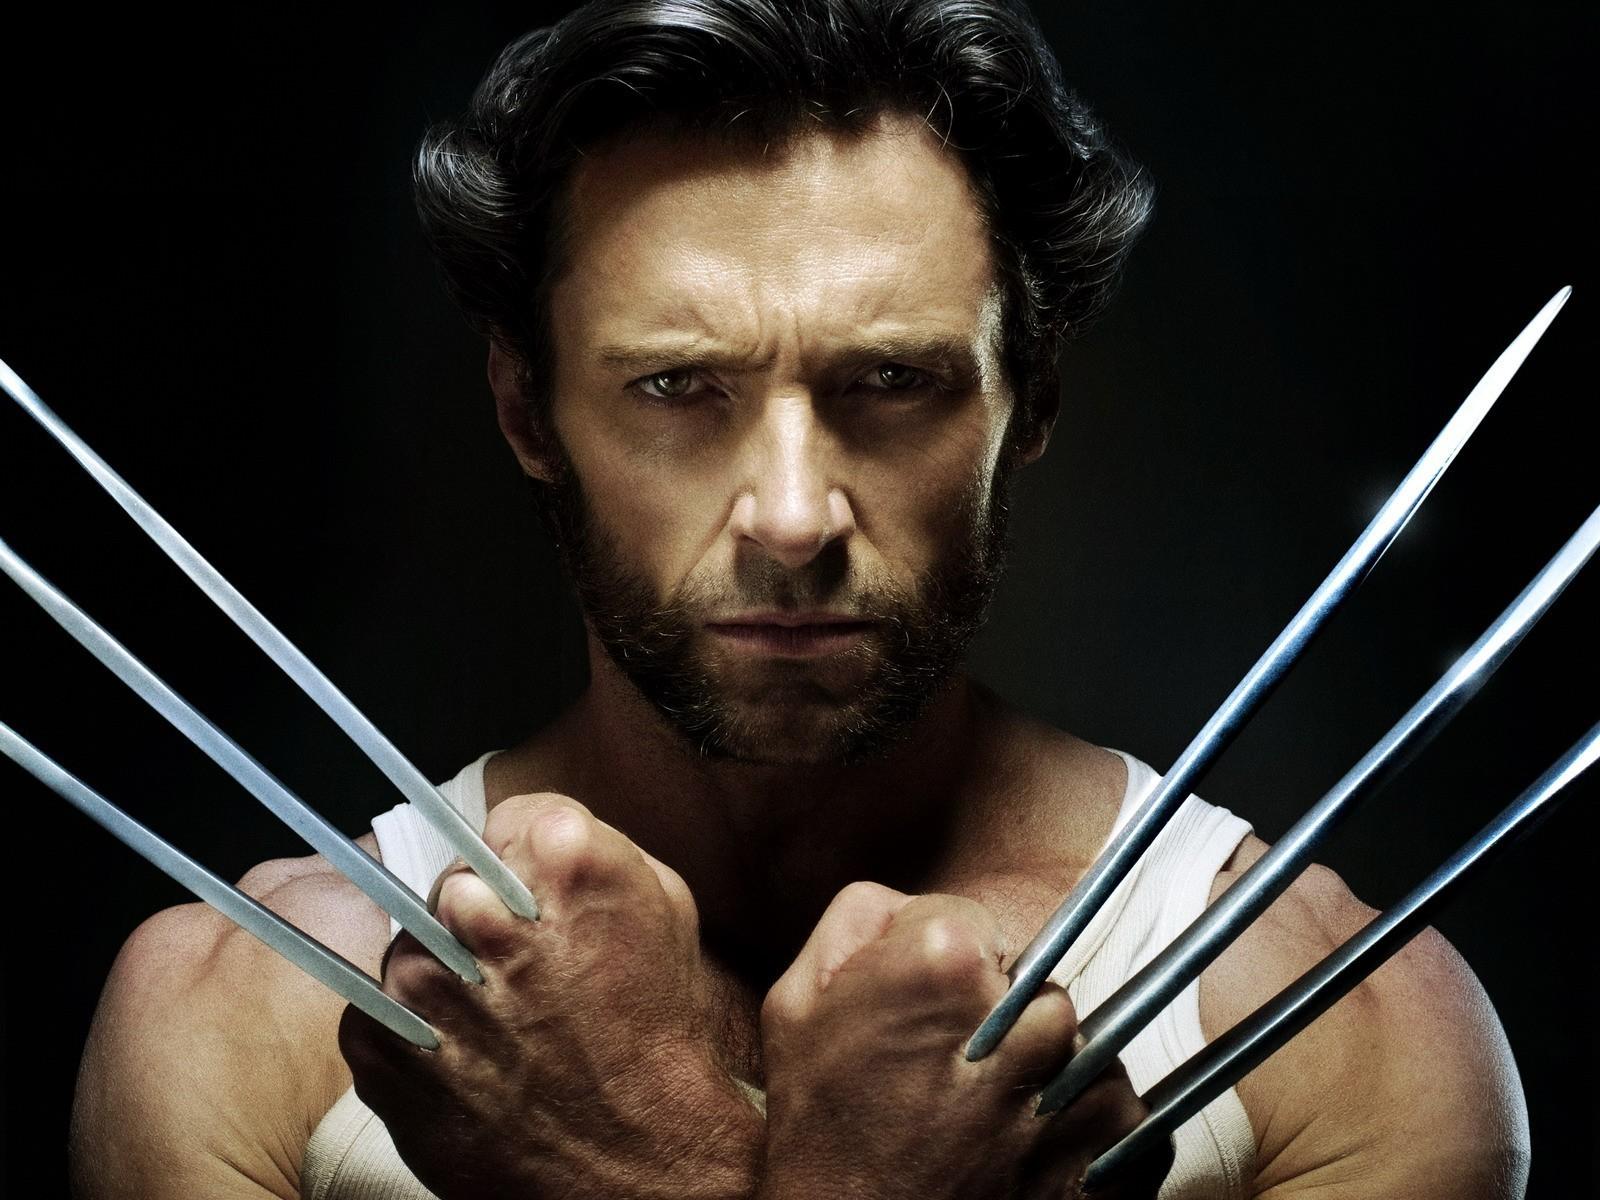 Wolverine   X men THE MOVIE Wallpaper 19125700 1600x1200